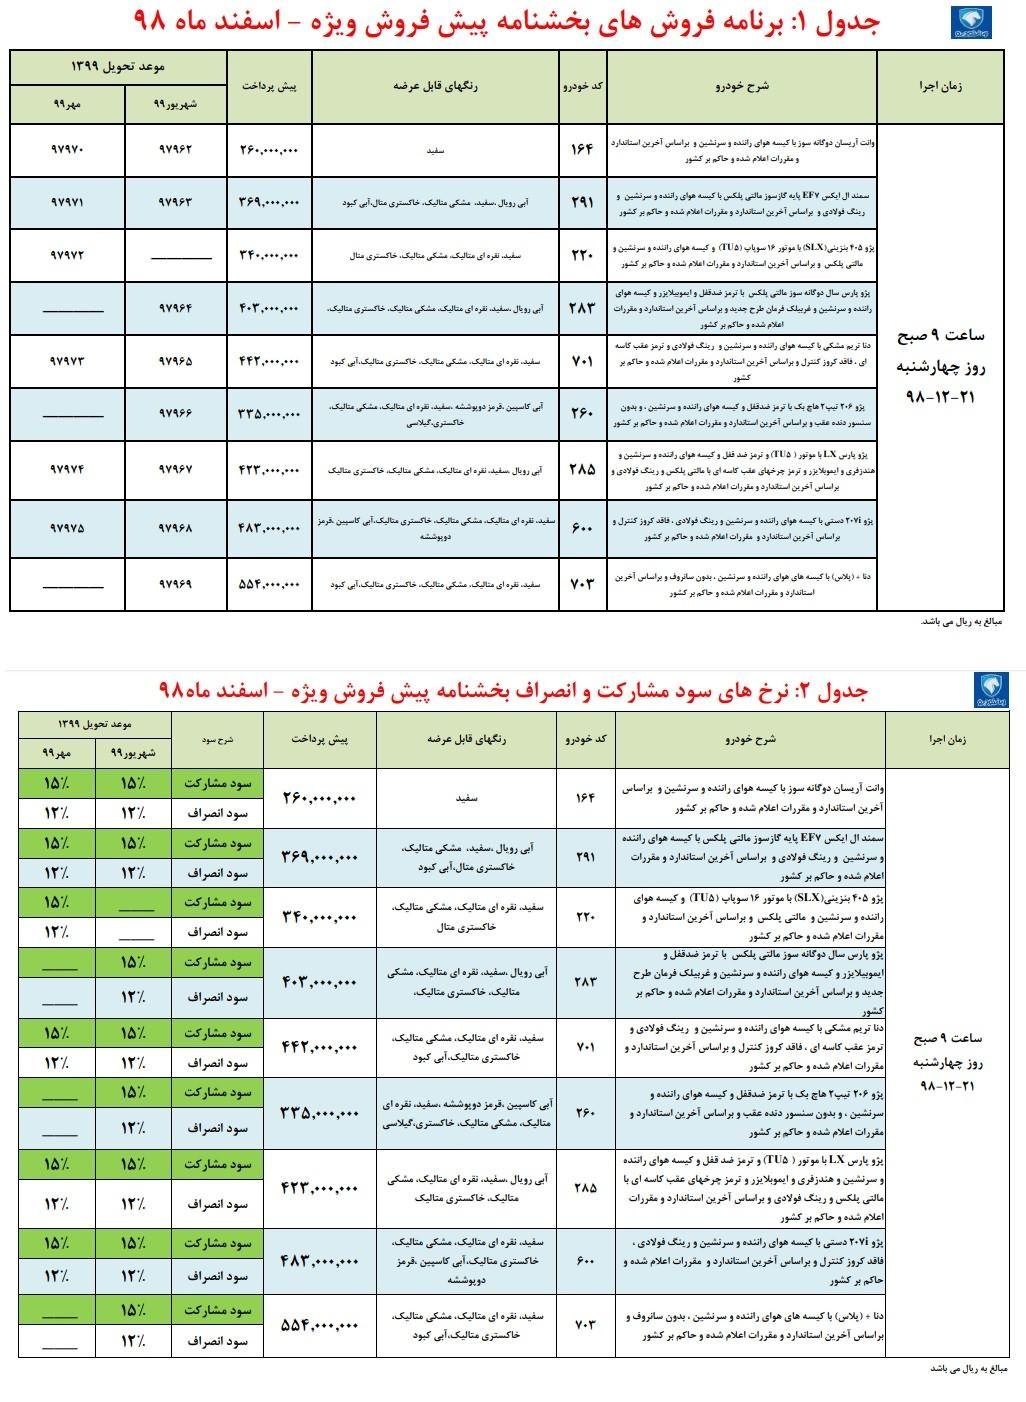 پیش فروش عادی 9 محصول ایران خودرو